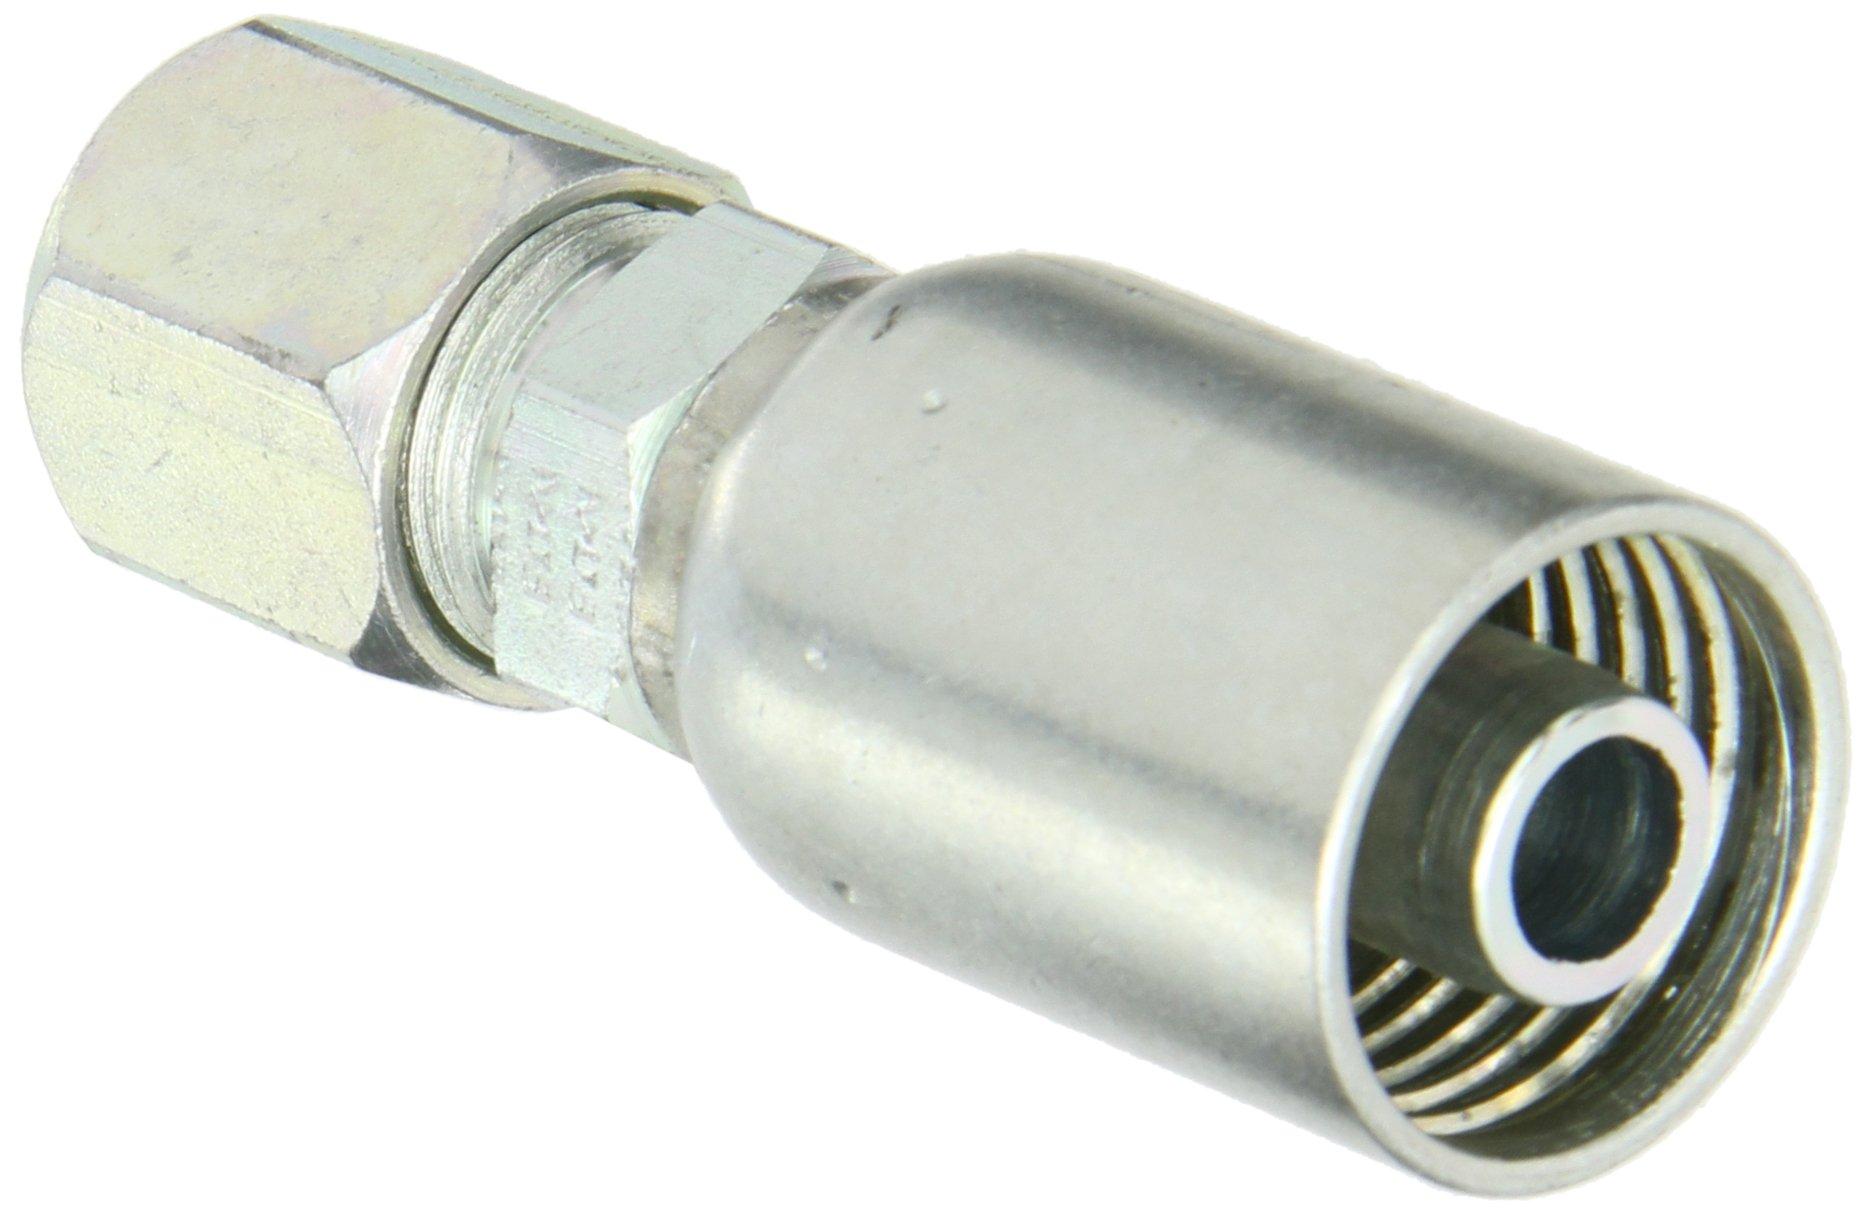 """EATON Weatherhead Coll-O-Crimp 08U-758 Flareless Tube Rigid Fitting, Low Carbon Steel, 1/2"""" Hose ID, 1/2"""" Tube Size"""